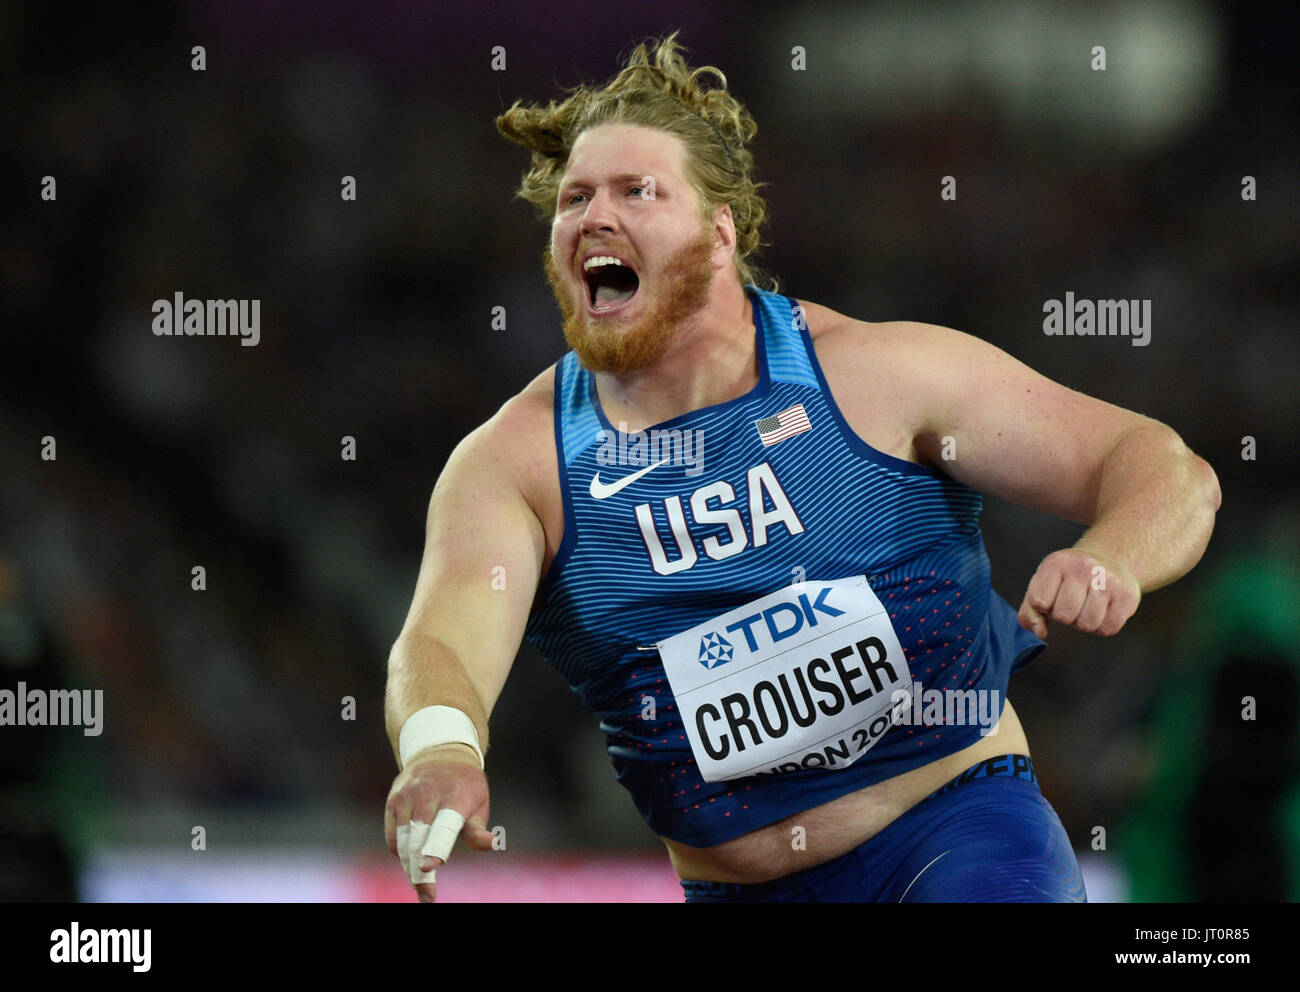 Ryan Crouser Gold Medal